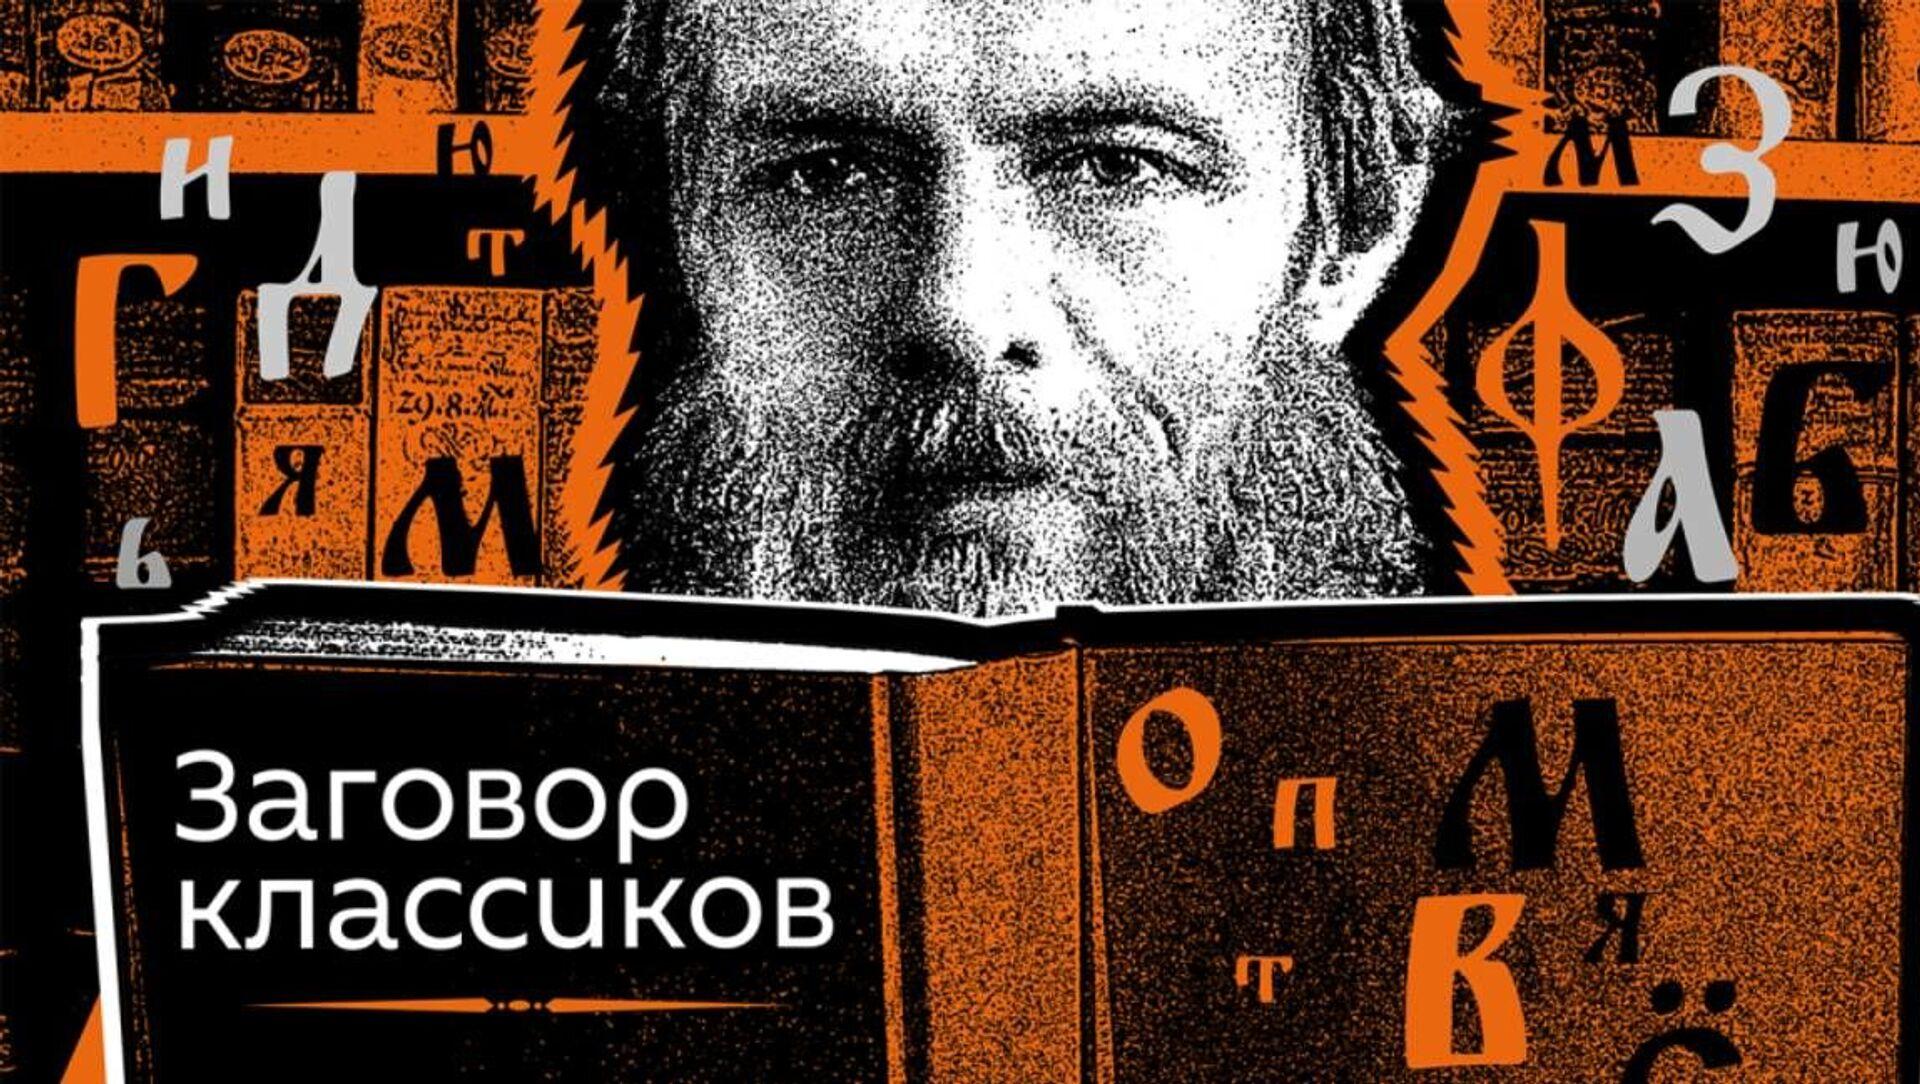 Подкасты РИА заговор классиков - Sputnik Беларусь, 1920, 25.04.2021